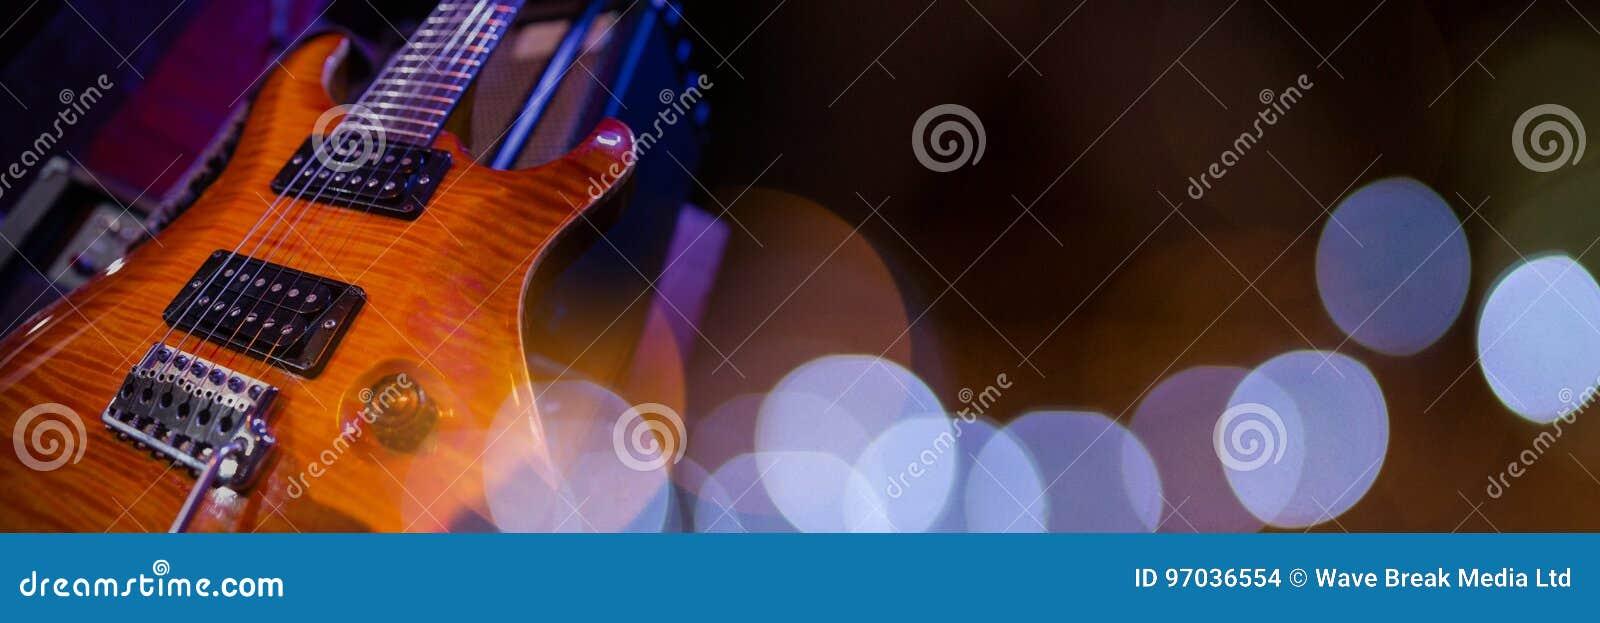 Guitare électrique avec les lumières bleues